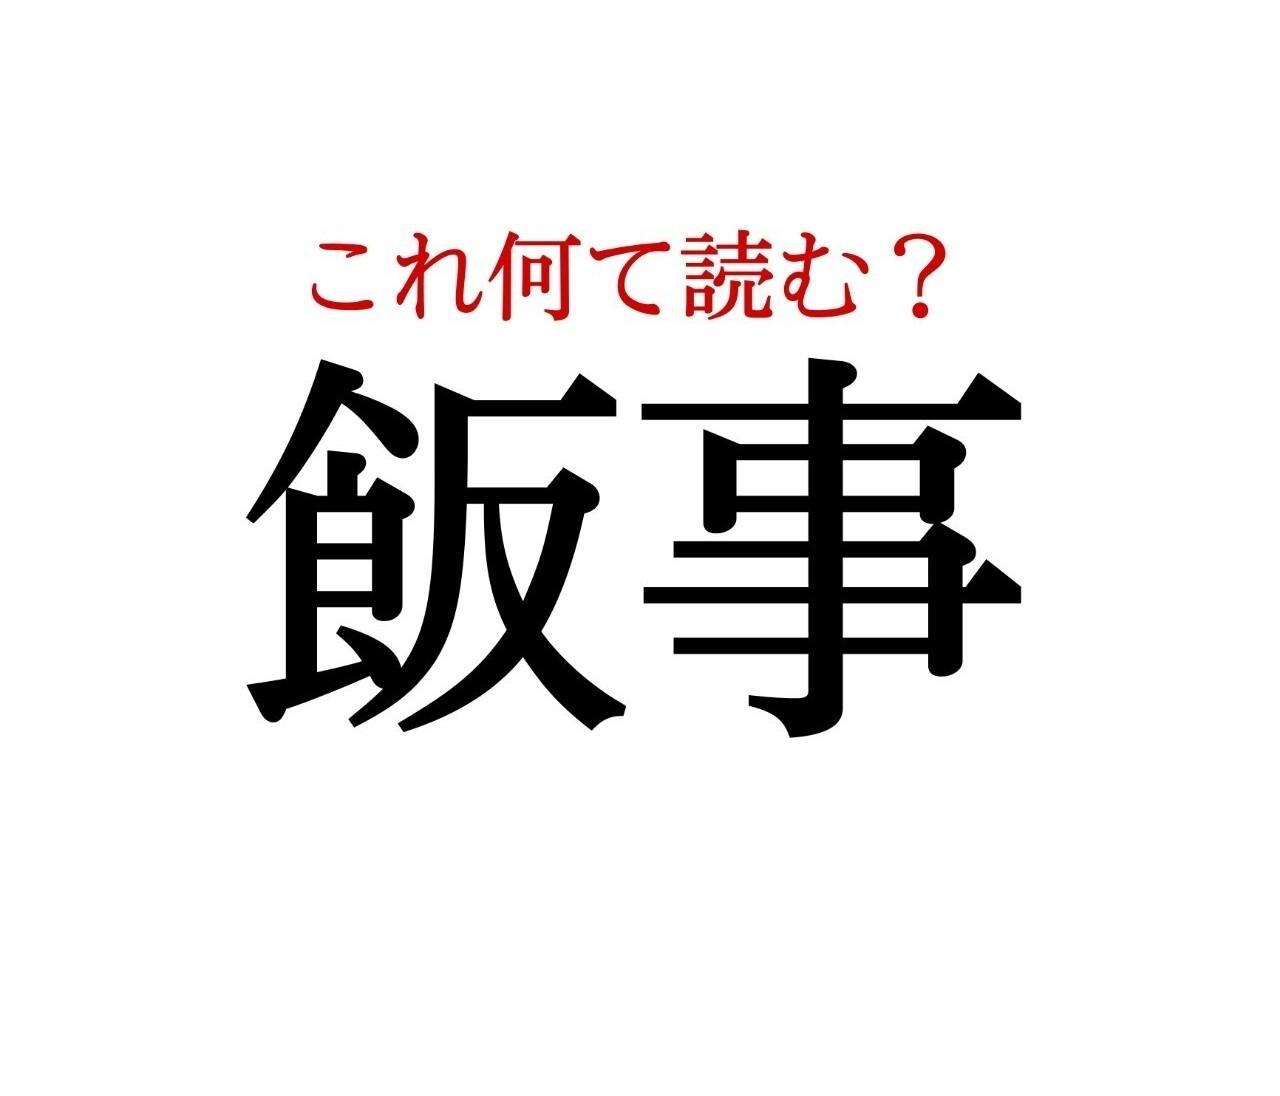 「飯事」:この漢字、自信を持って読めますか?【働く大人の漢字クイズvol.298】